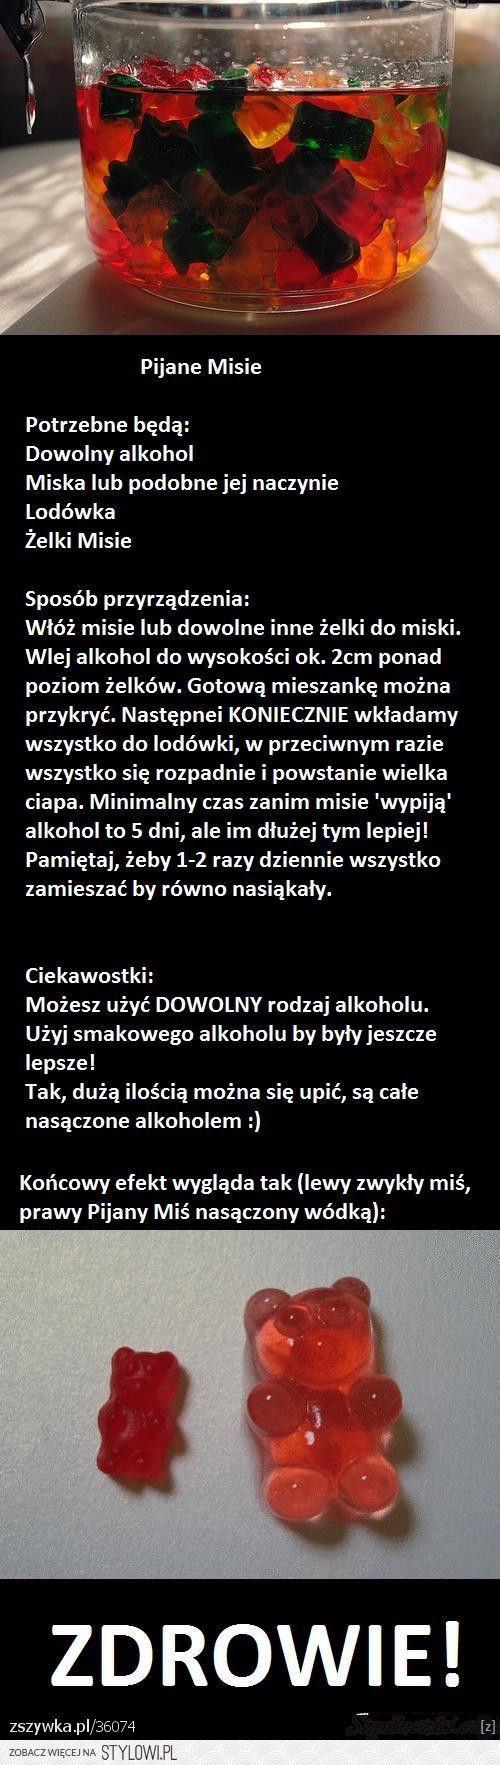 pijane misie na Stylowi.pl